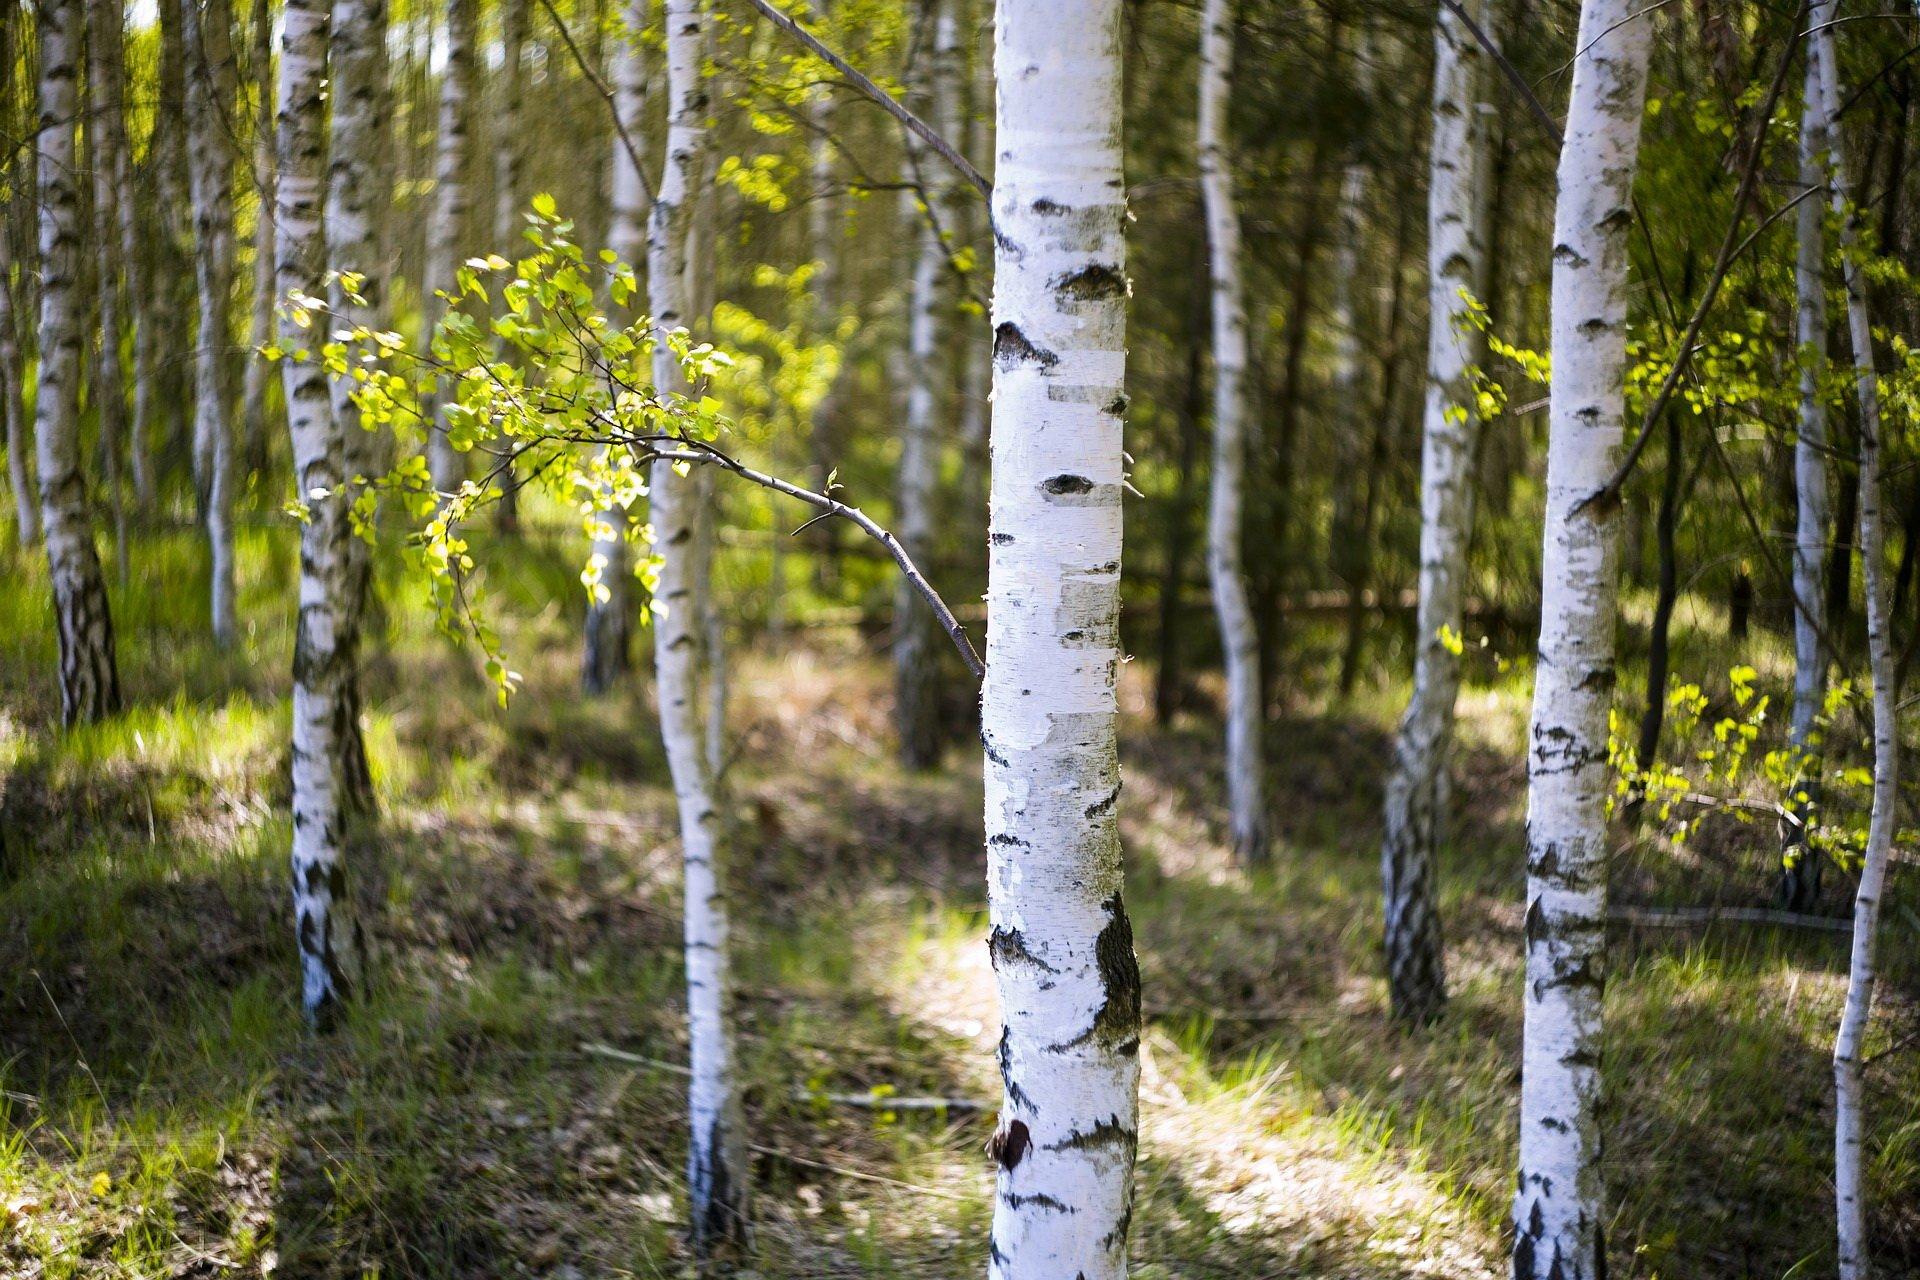 Zagadki o drzewach dla dzieci z odpowiedziami